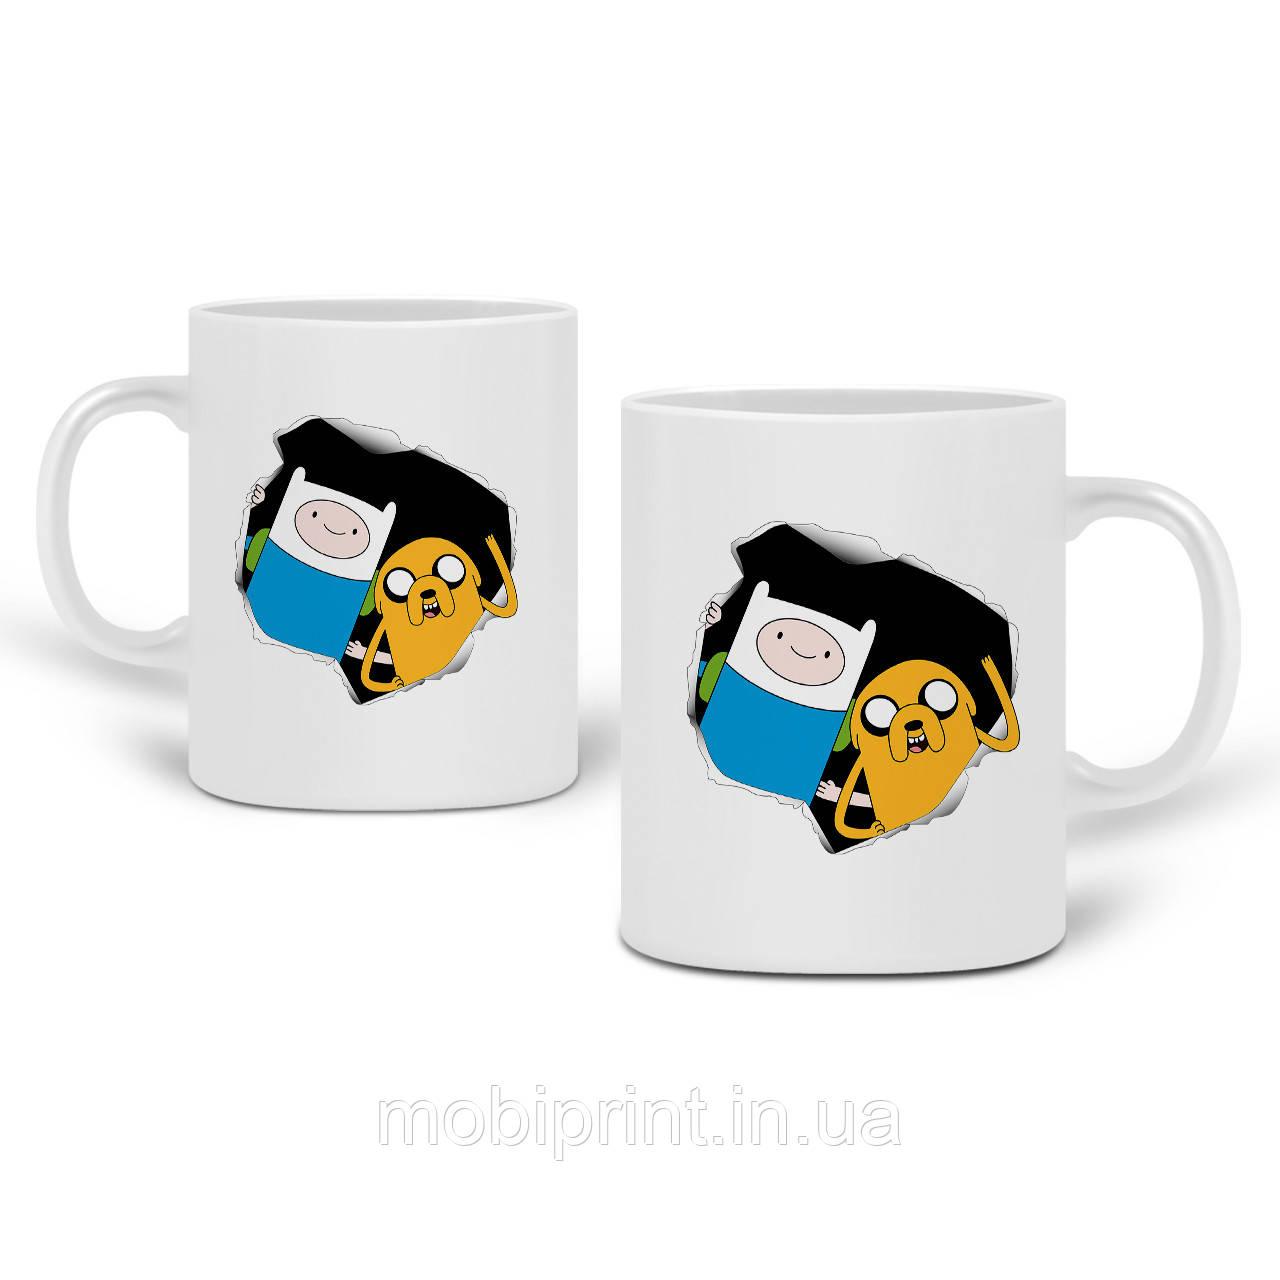 Кружка Финн и Джейк пес Время Приключений (Adventure Time) 330 мл Чашка Керамическая (20259-1581)